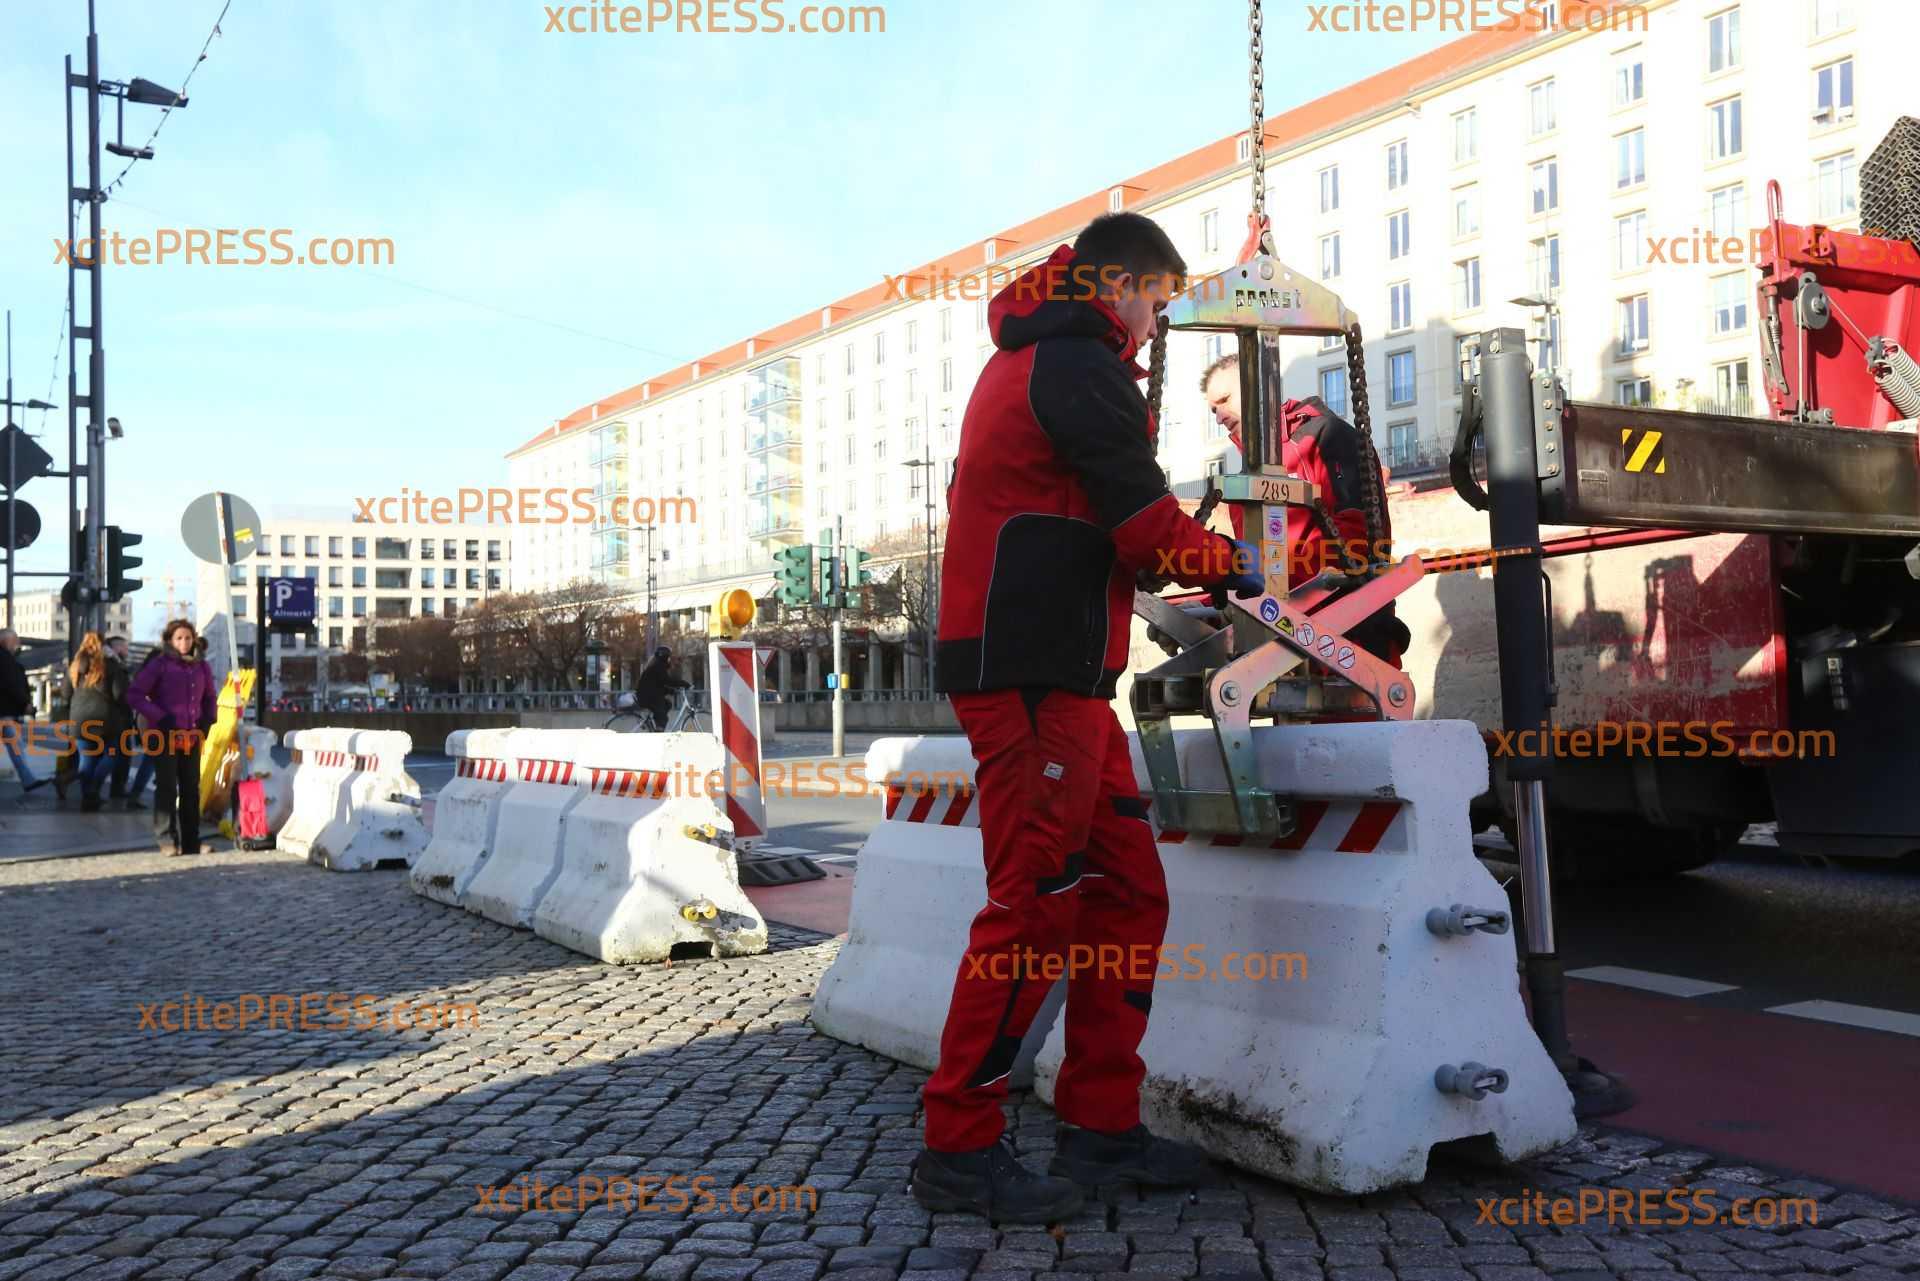 Betonsperren sollen Dresdner Weihnachtsmarkt absichern: Striezelmarkt wieder zur